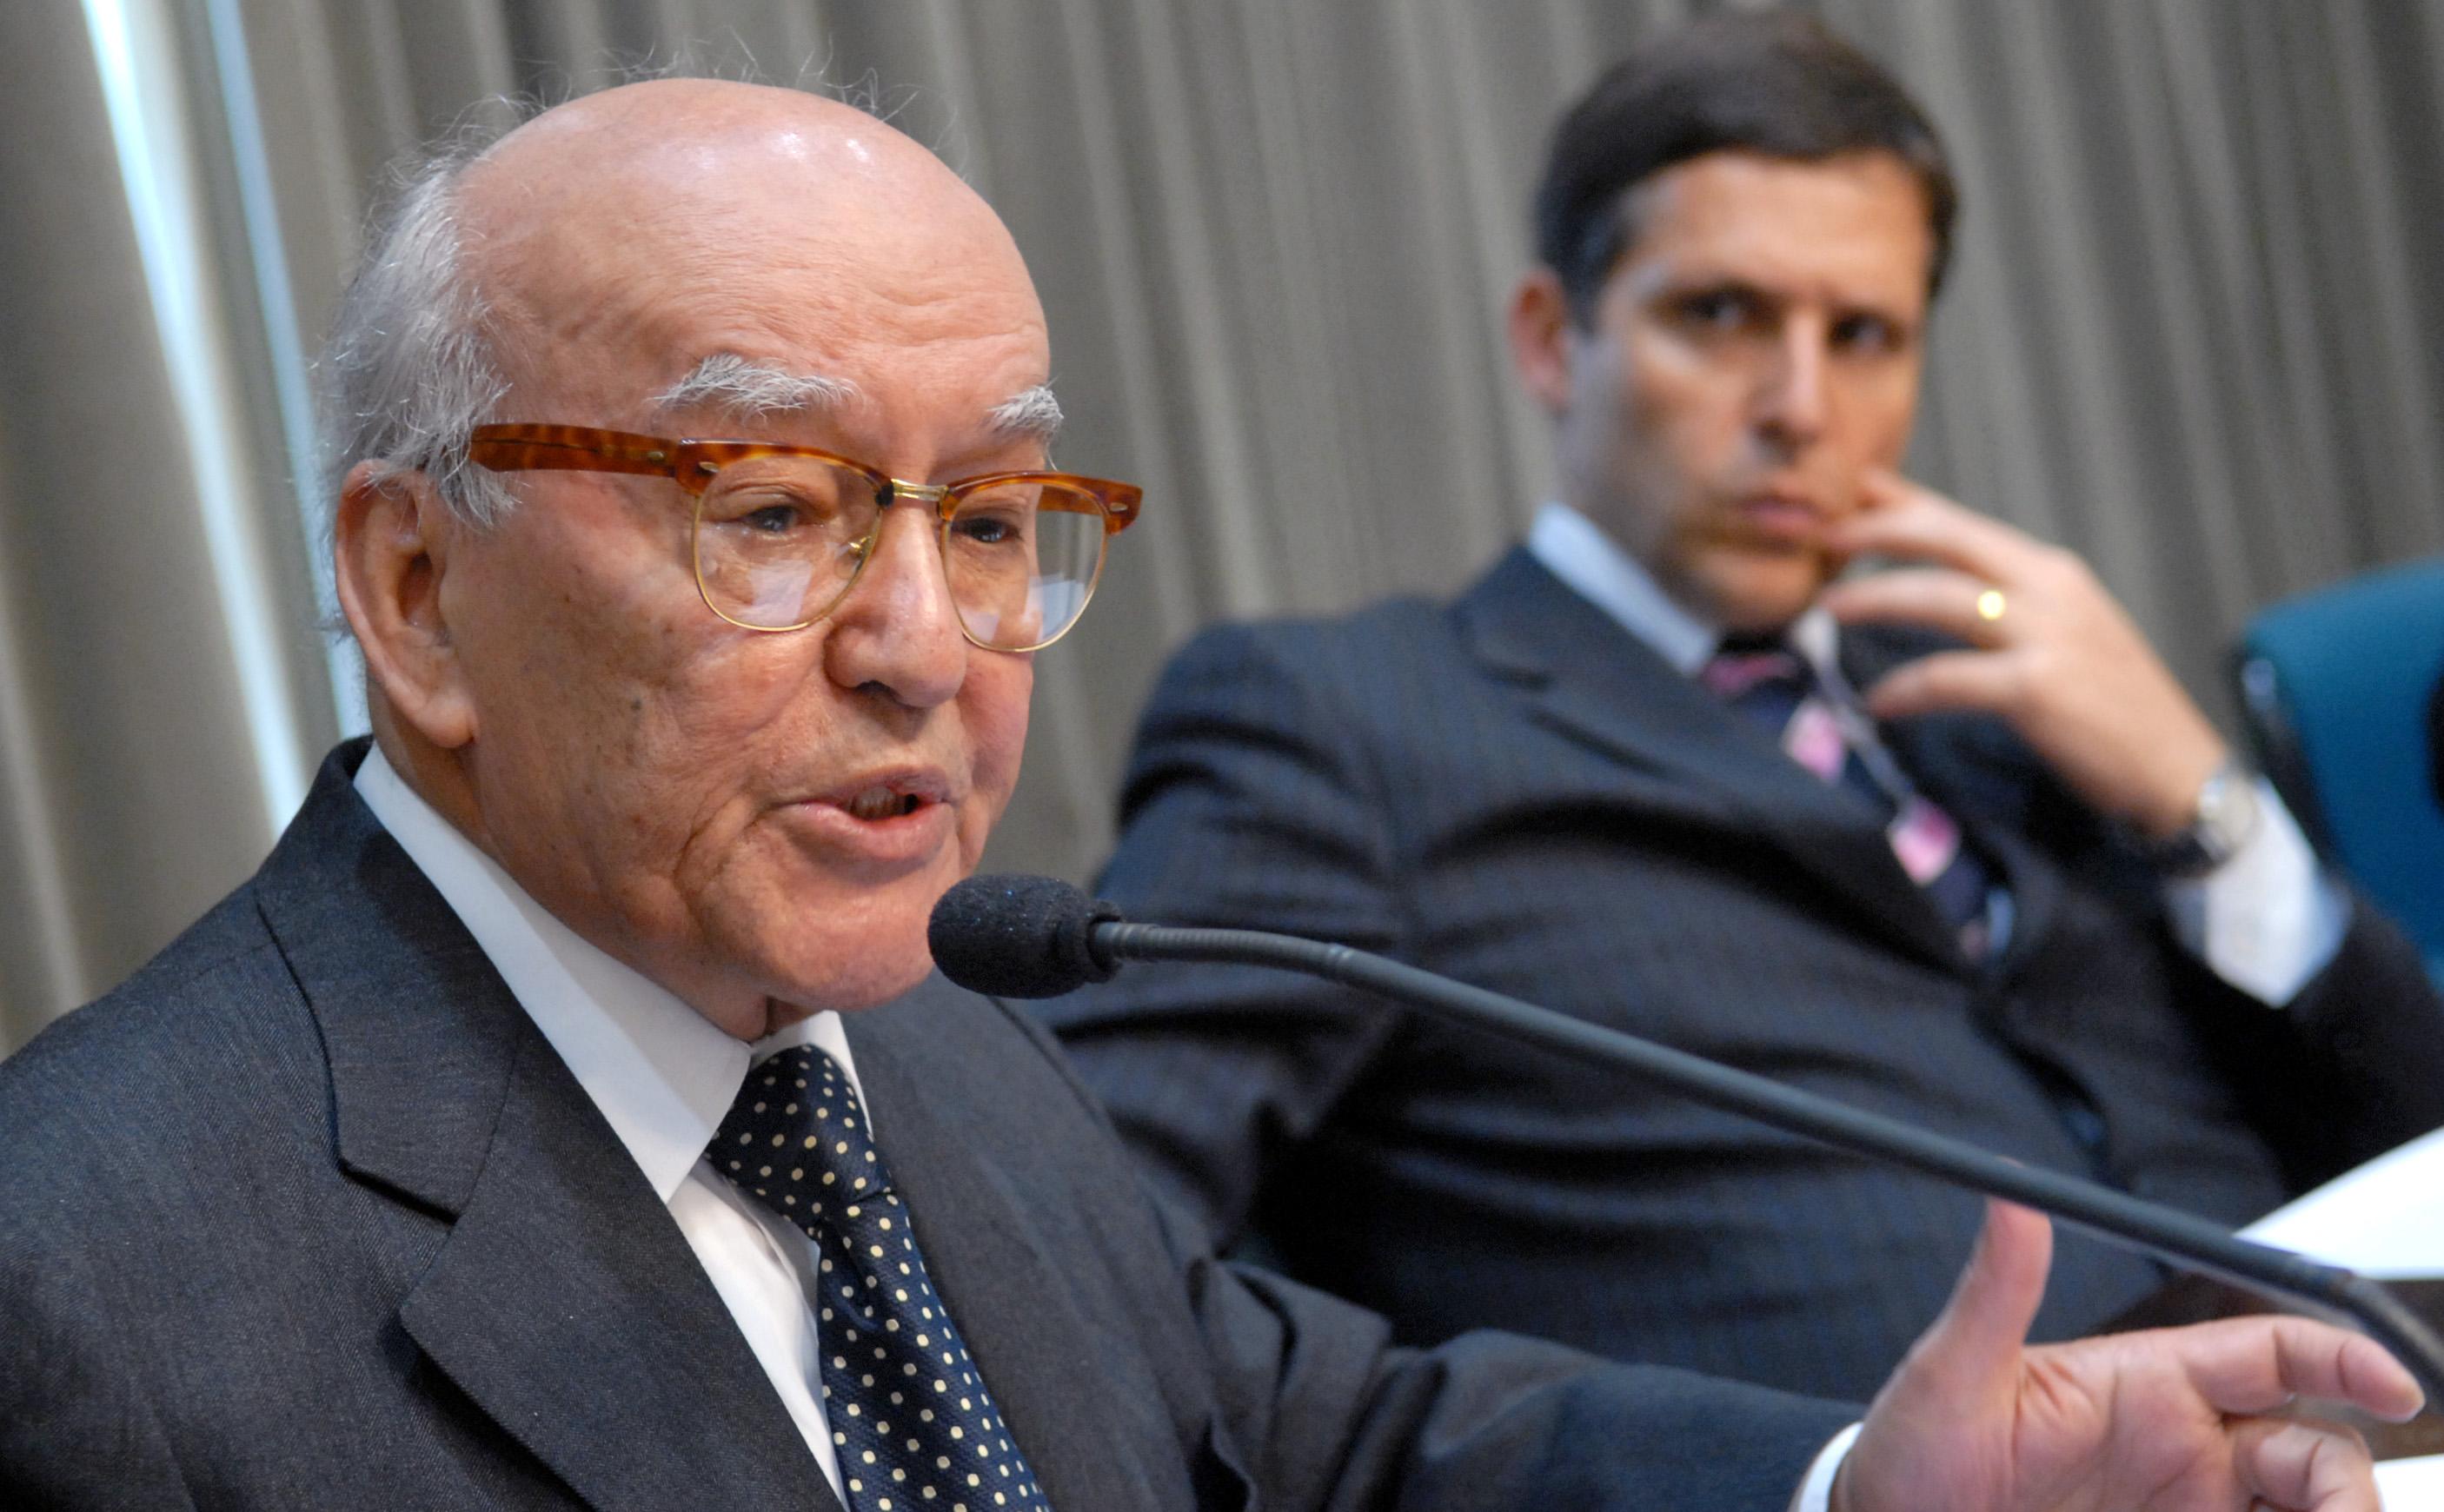 José Afonso da Silva